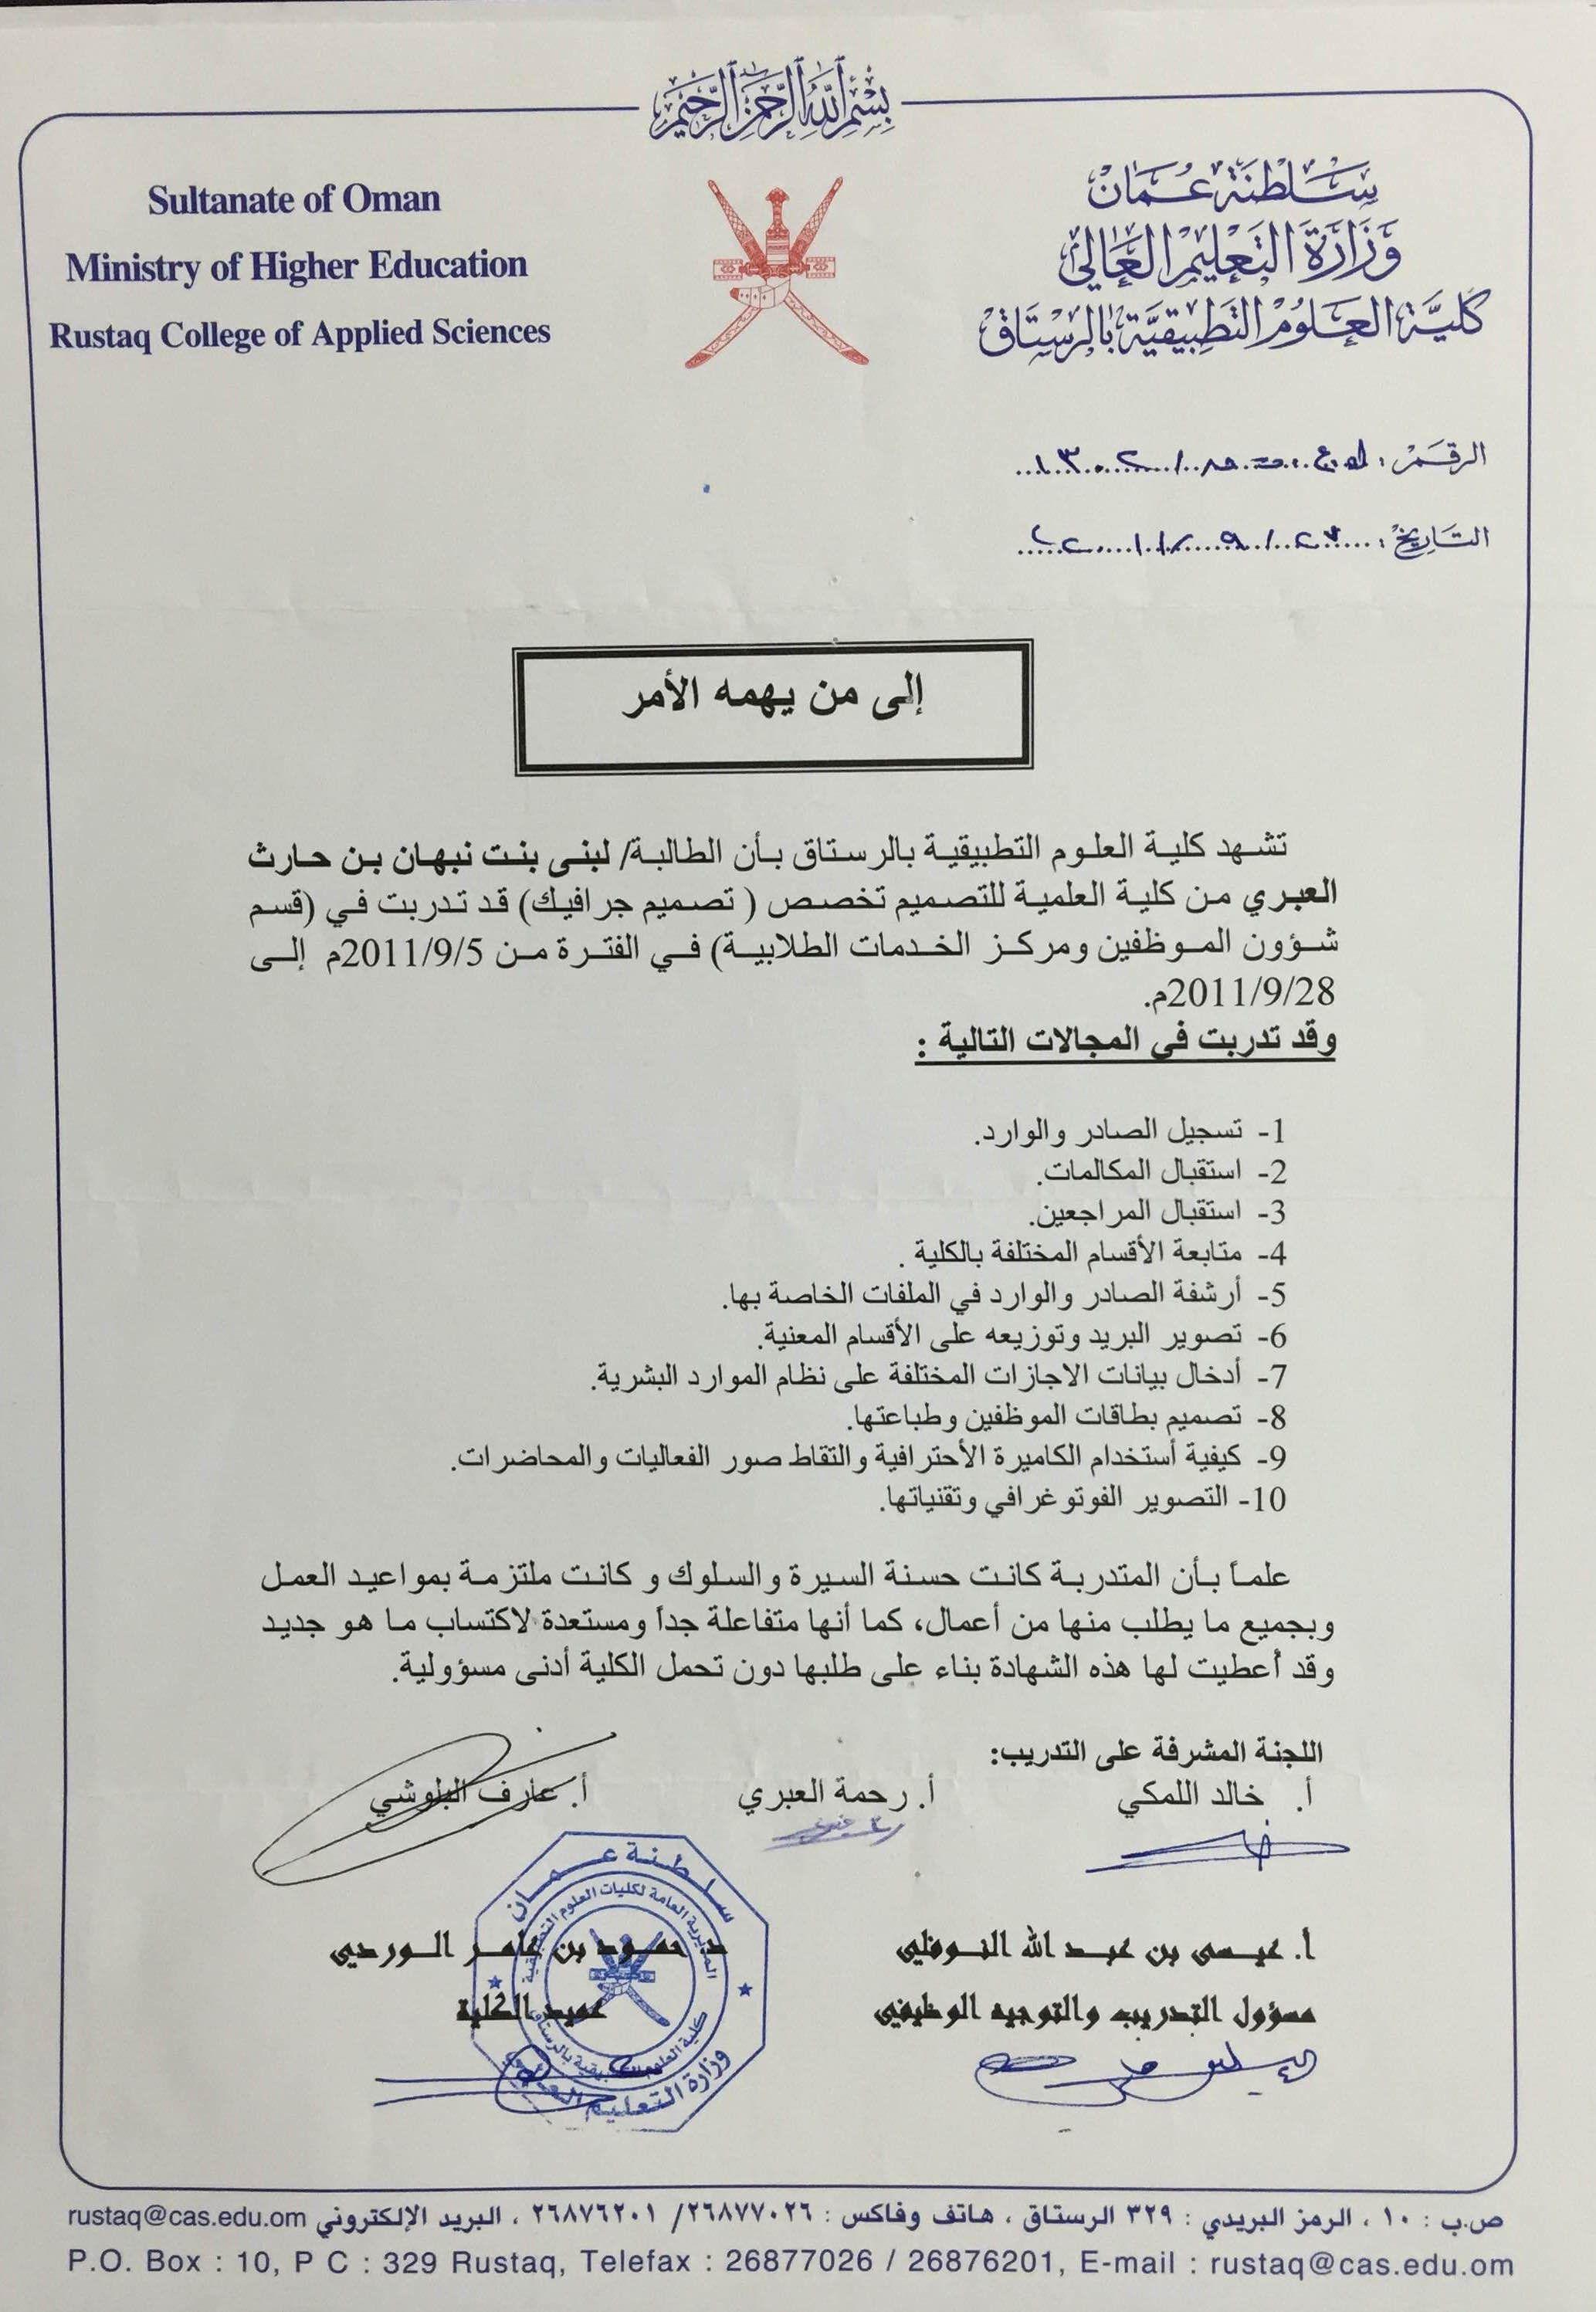 شهادة تدريب من الكلية التطبيقية بالرستاق Applied Science Sultanate Of Oman Education